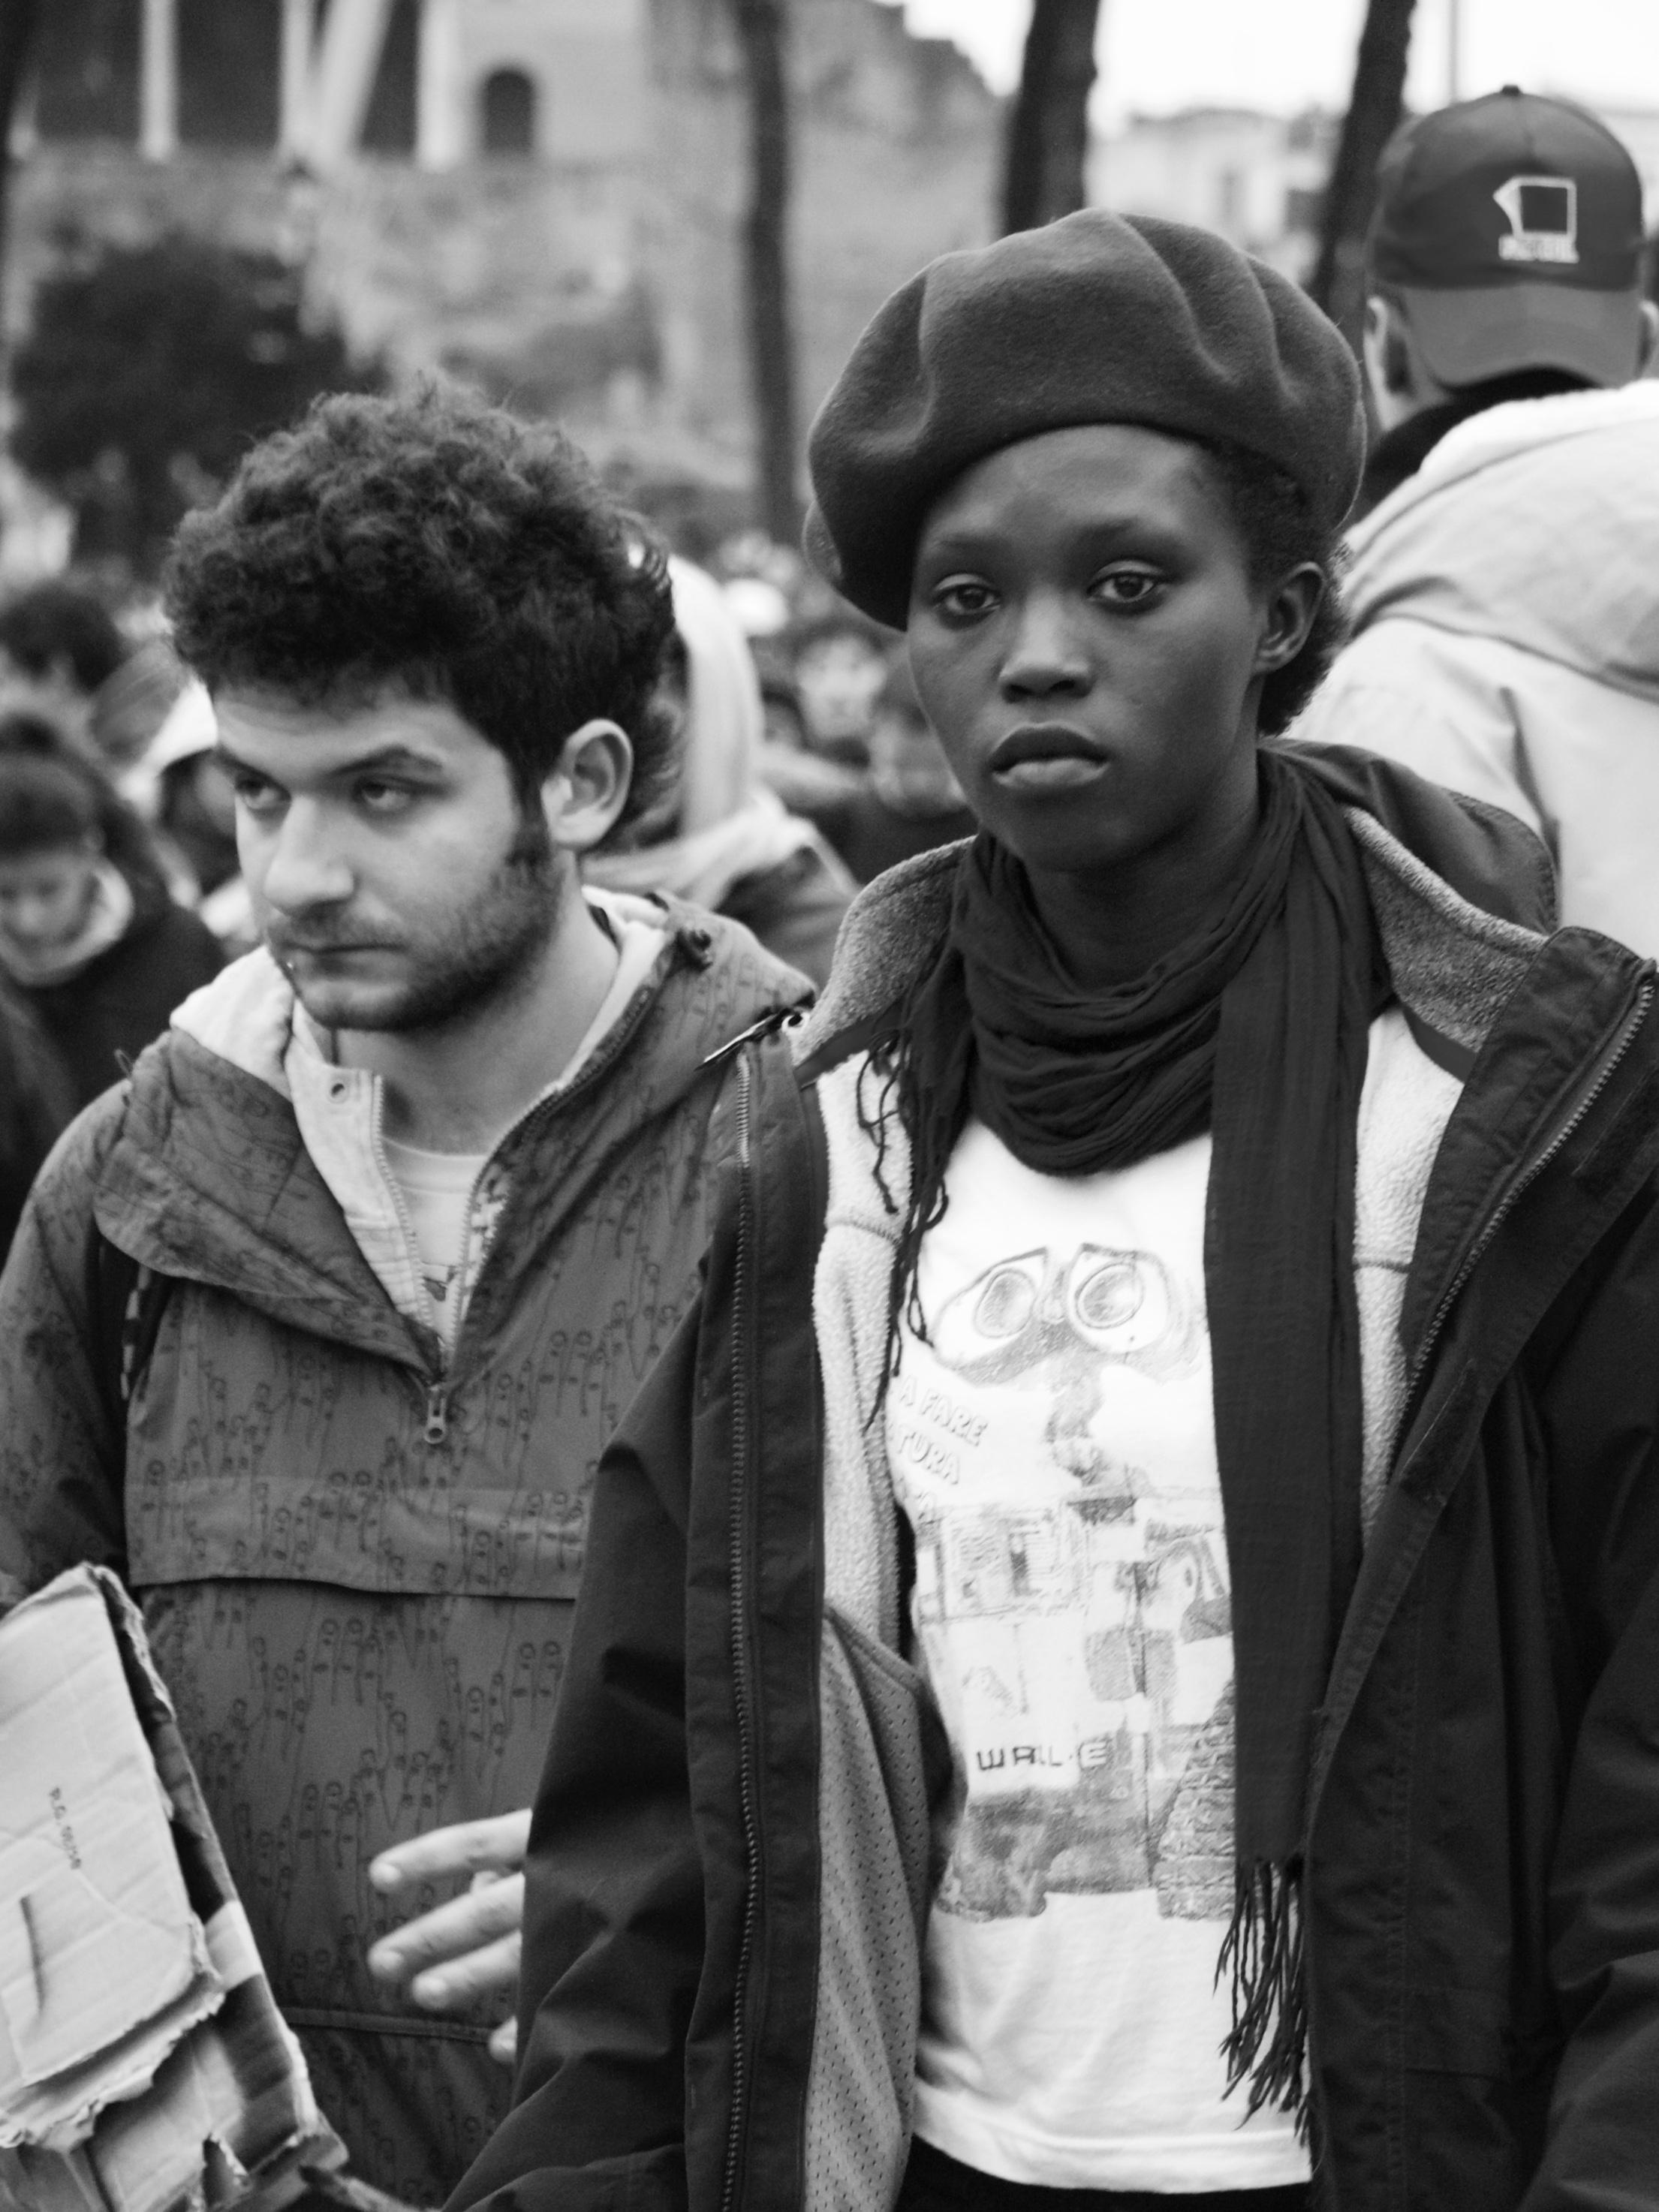 Student Demonstration, Rome.jpg